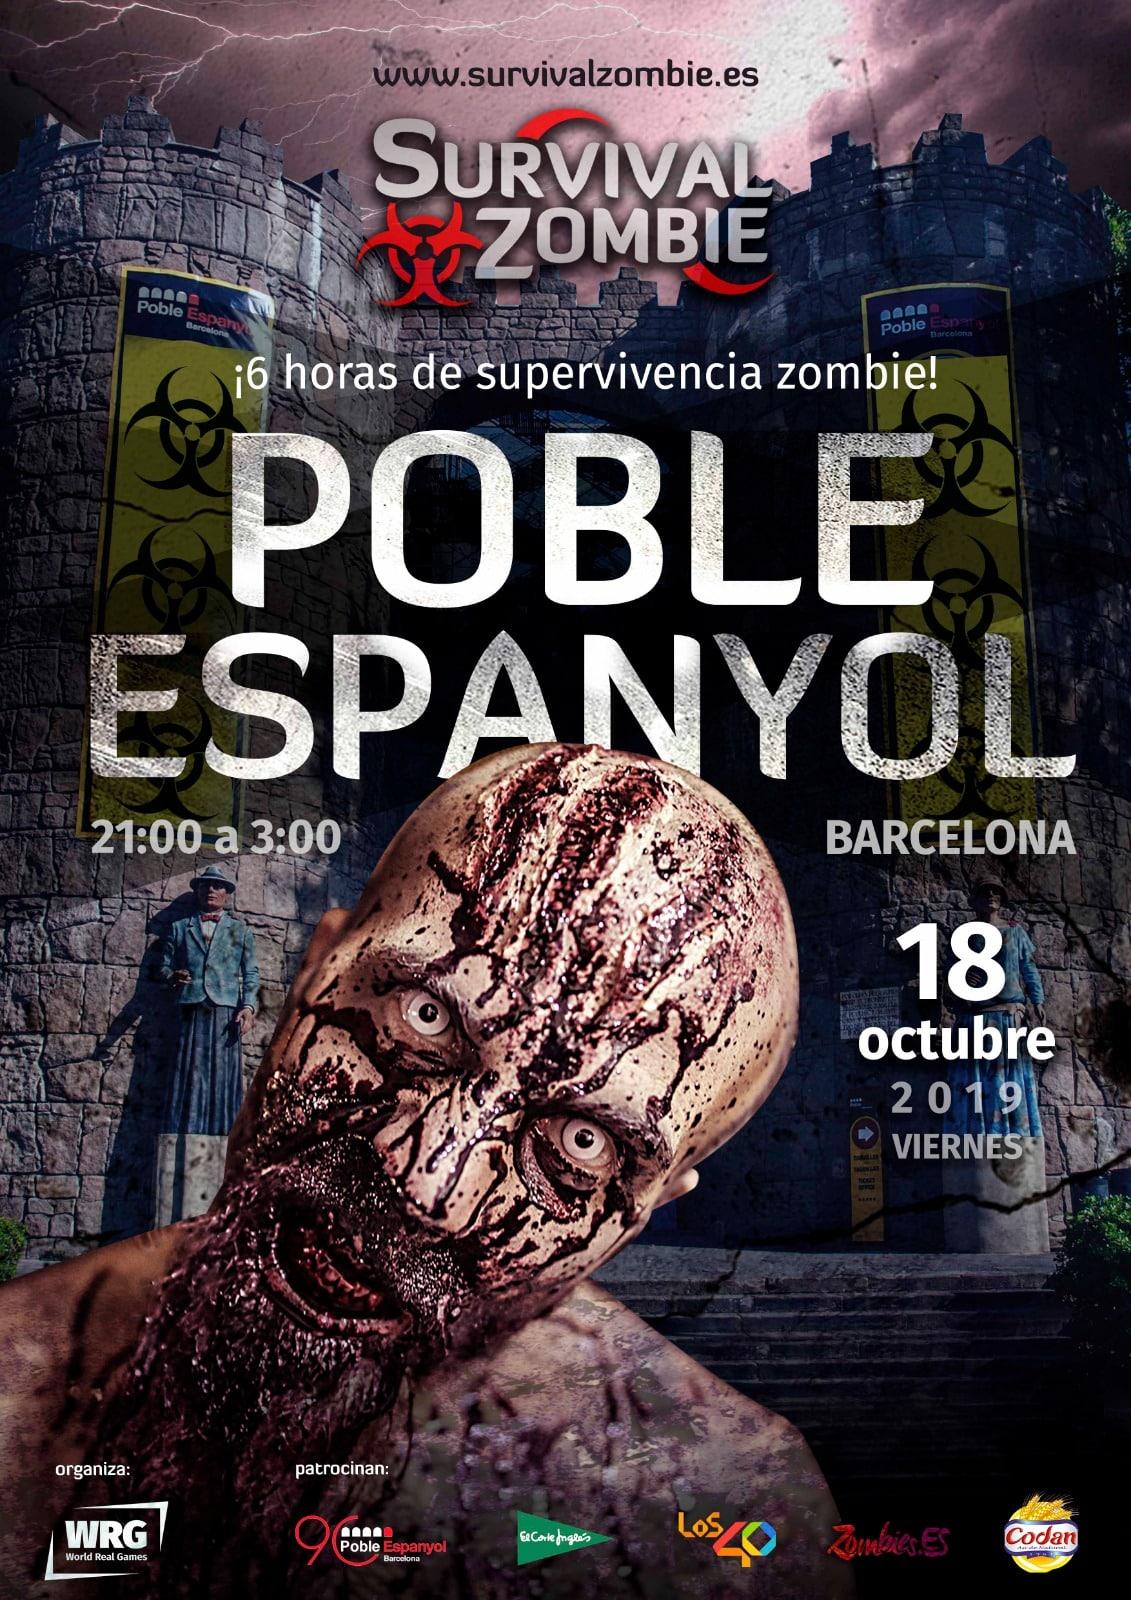 Juega al Survival Zombie, un juego real, en Poble Espanyol - lugares, eventos-en-barcelona